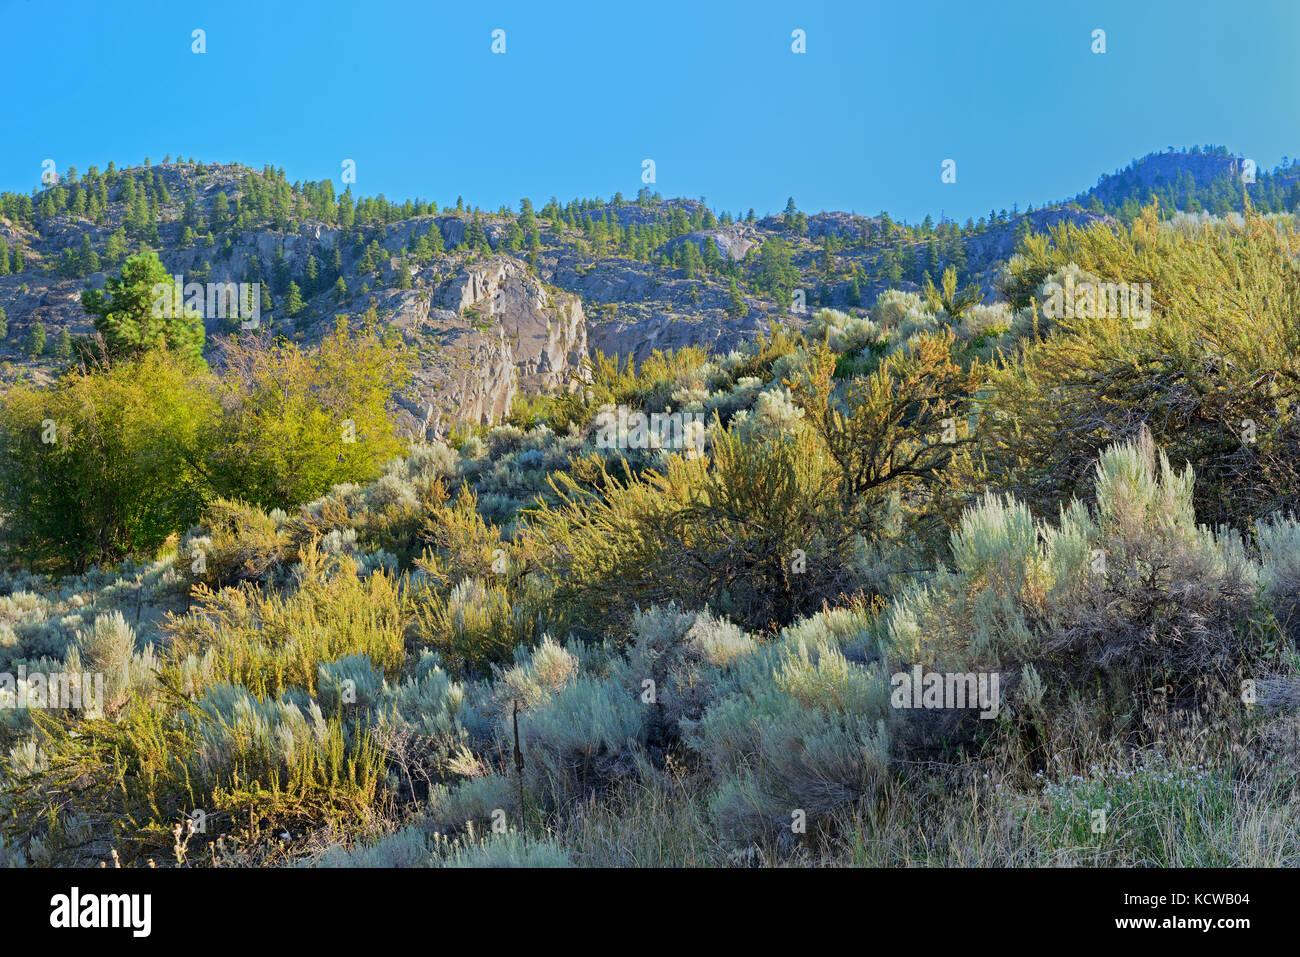 Dans l'armoise de l'écosystème de la purshie tridentée, vallée de l'okanagan, Osoyoos, Photo Stock